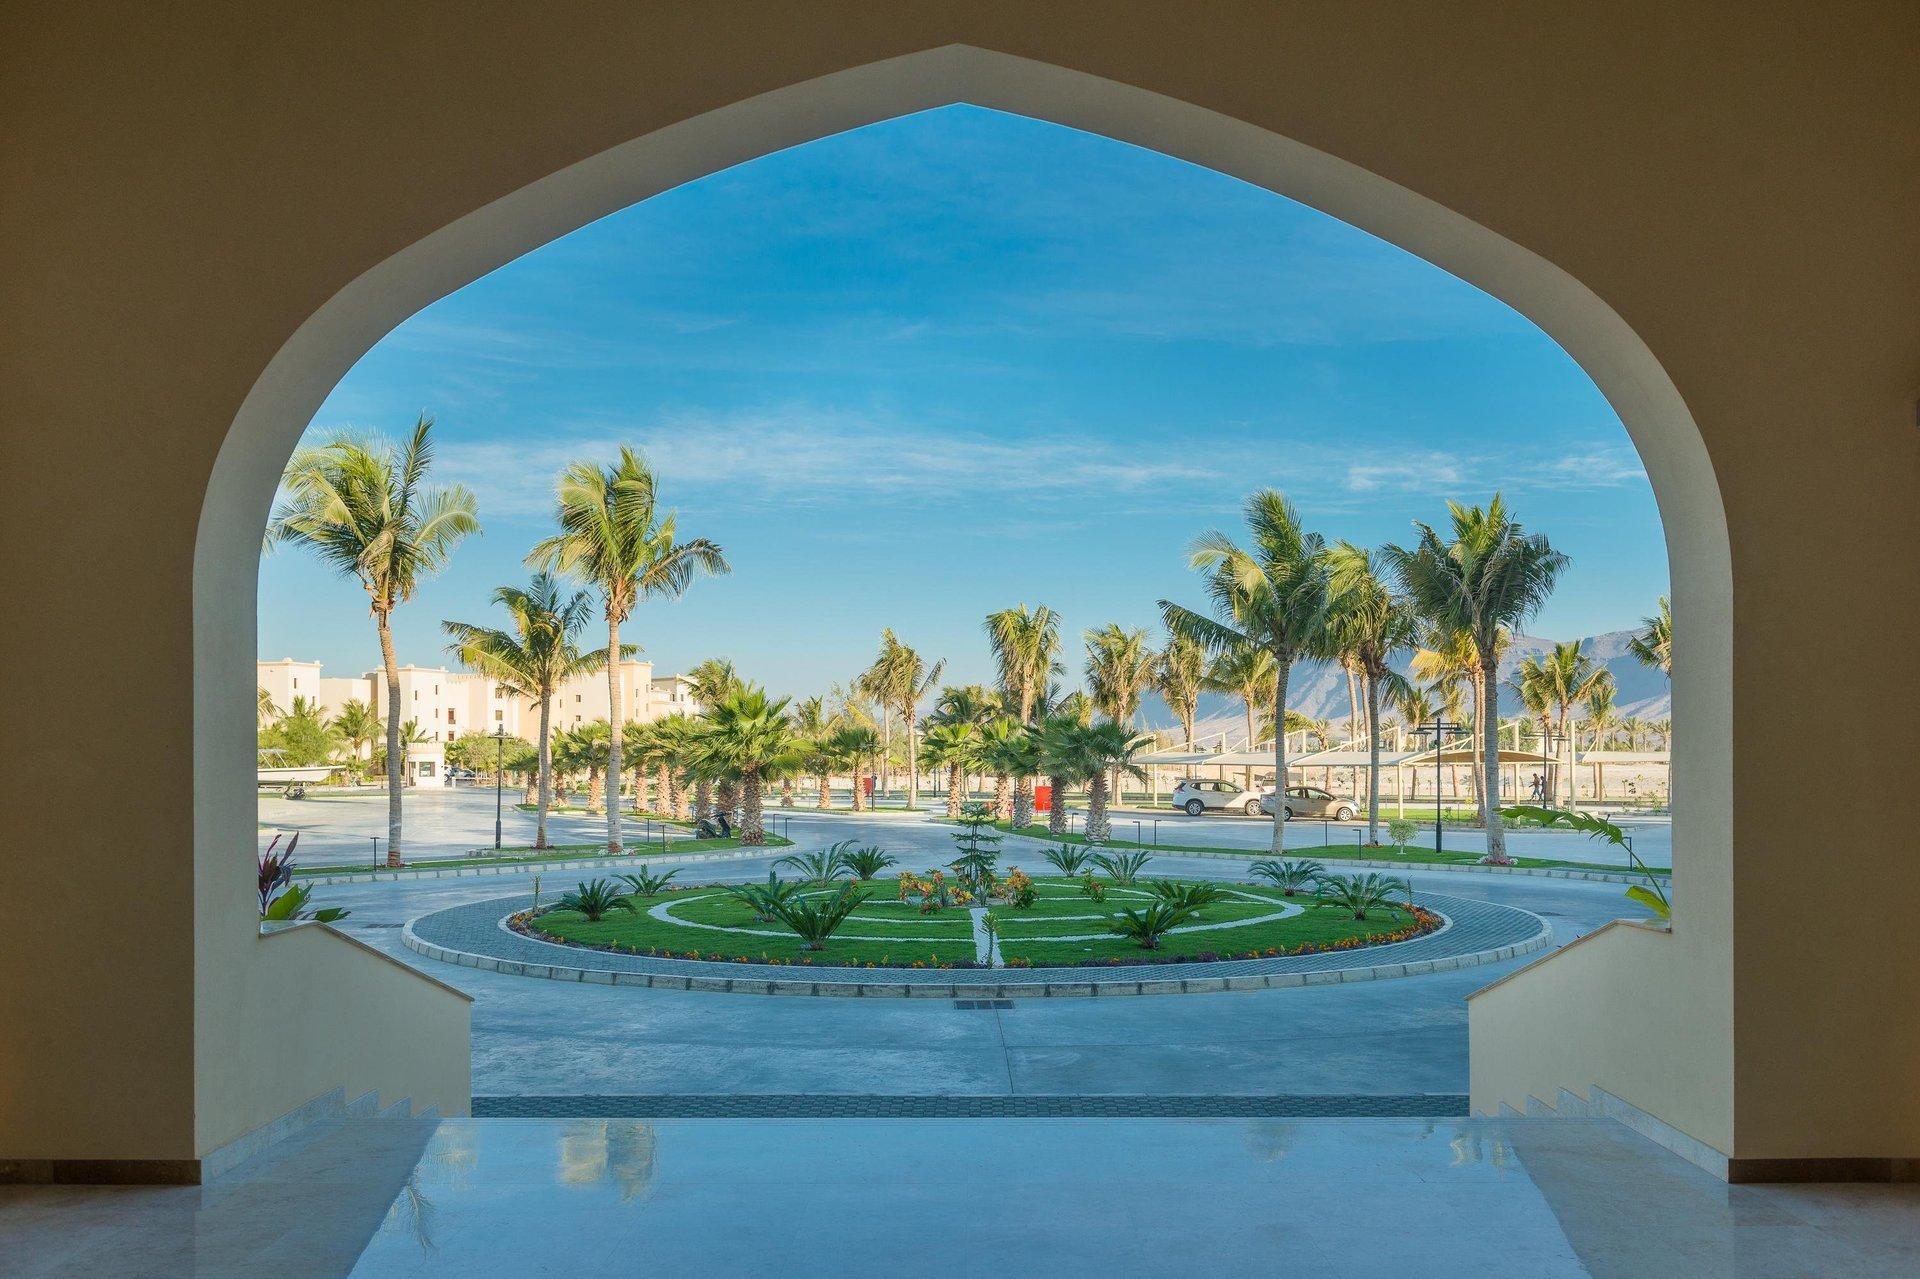 Hotel Al Fanar - Salalah